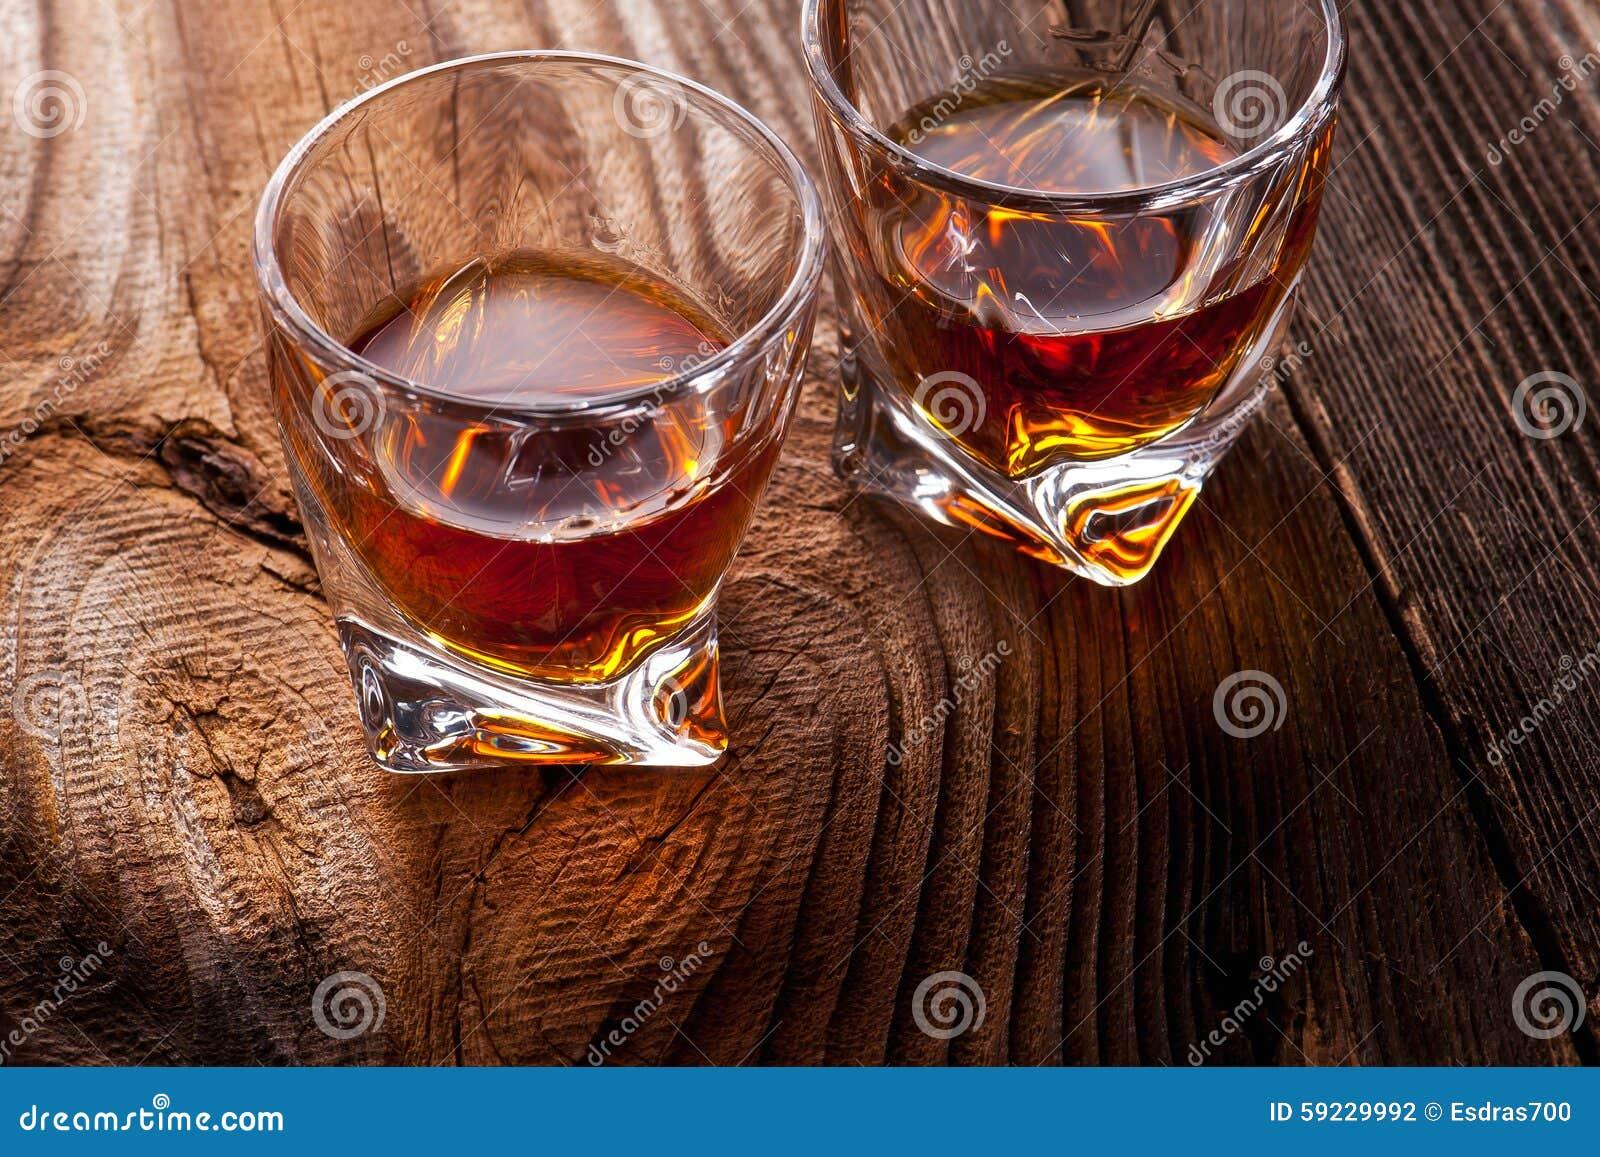 Download Whisky, Borbón, Brandy, O Coñac En La Tabla Del Registro Foto de archivo - Imagen de barra, tablón: 59229992